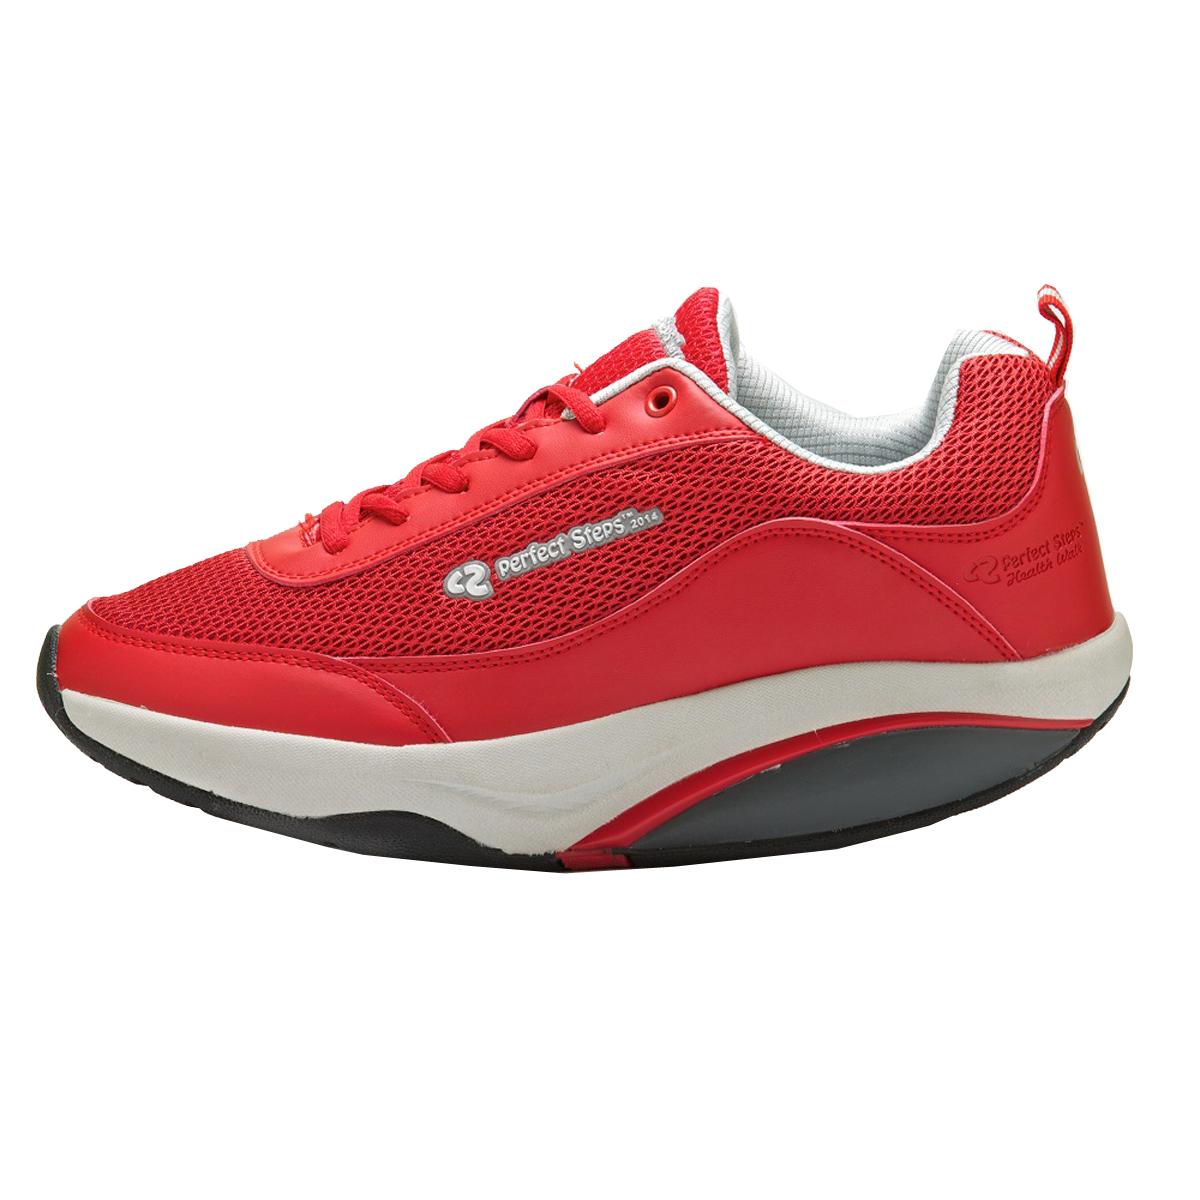 کفش مخصوص پیاده روی مردانه پرفکت استپس مدل آرمیس رنگ قرمز